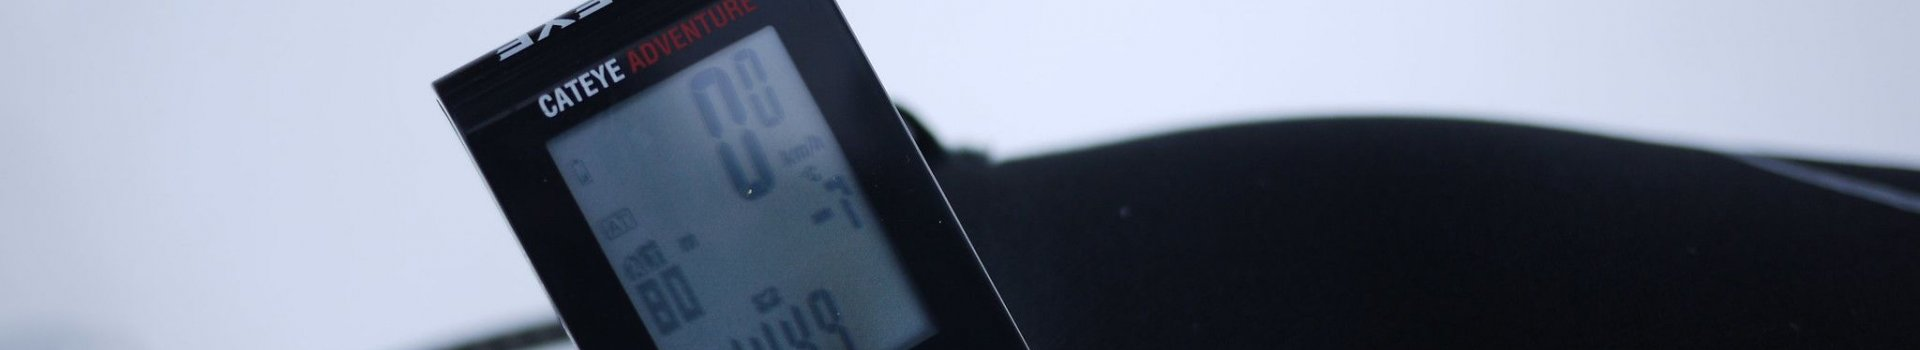 Bezprzewodowe liczniki rowerowe, które nie zniekształcą osiągniętych wyników